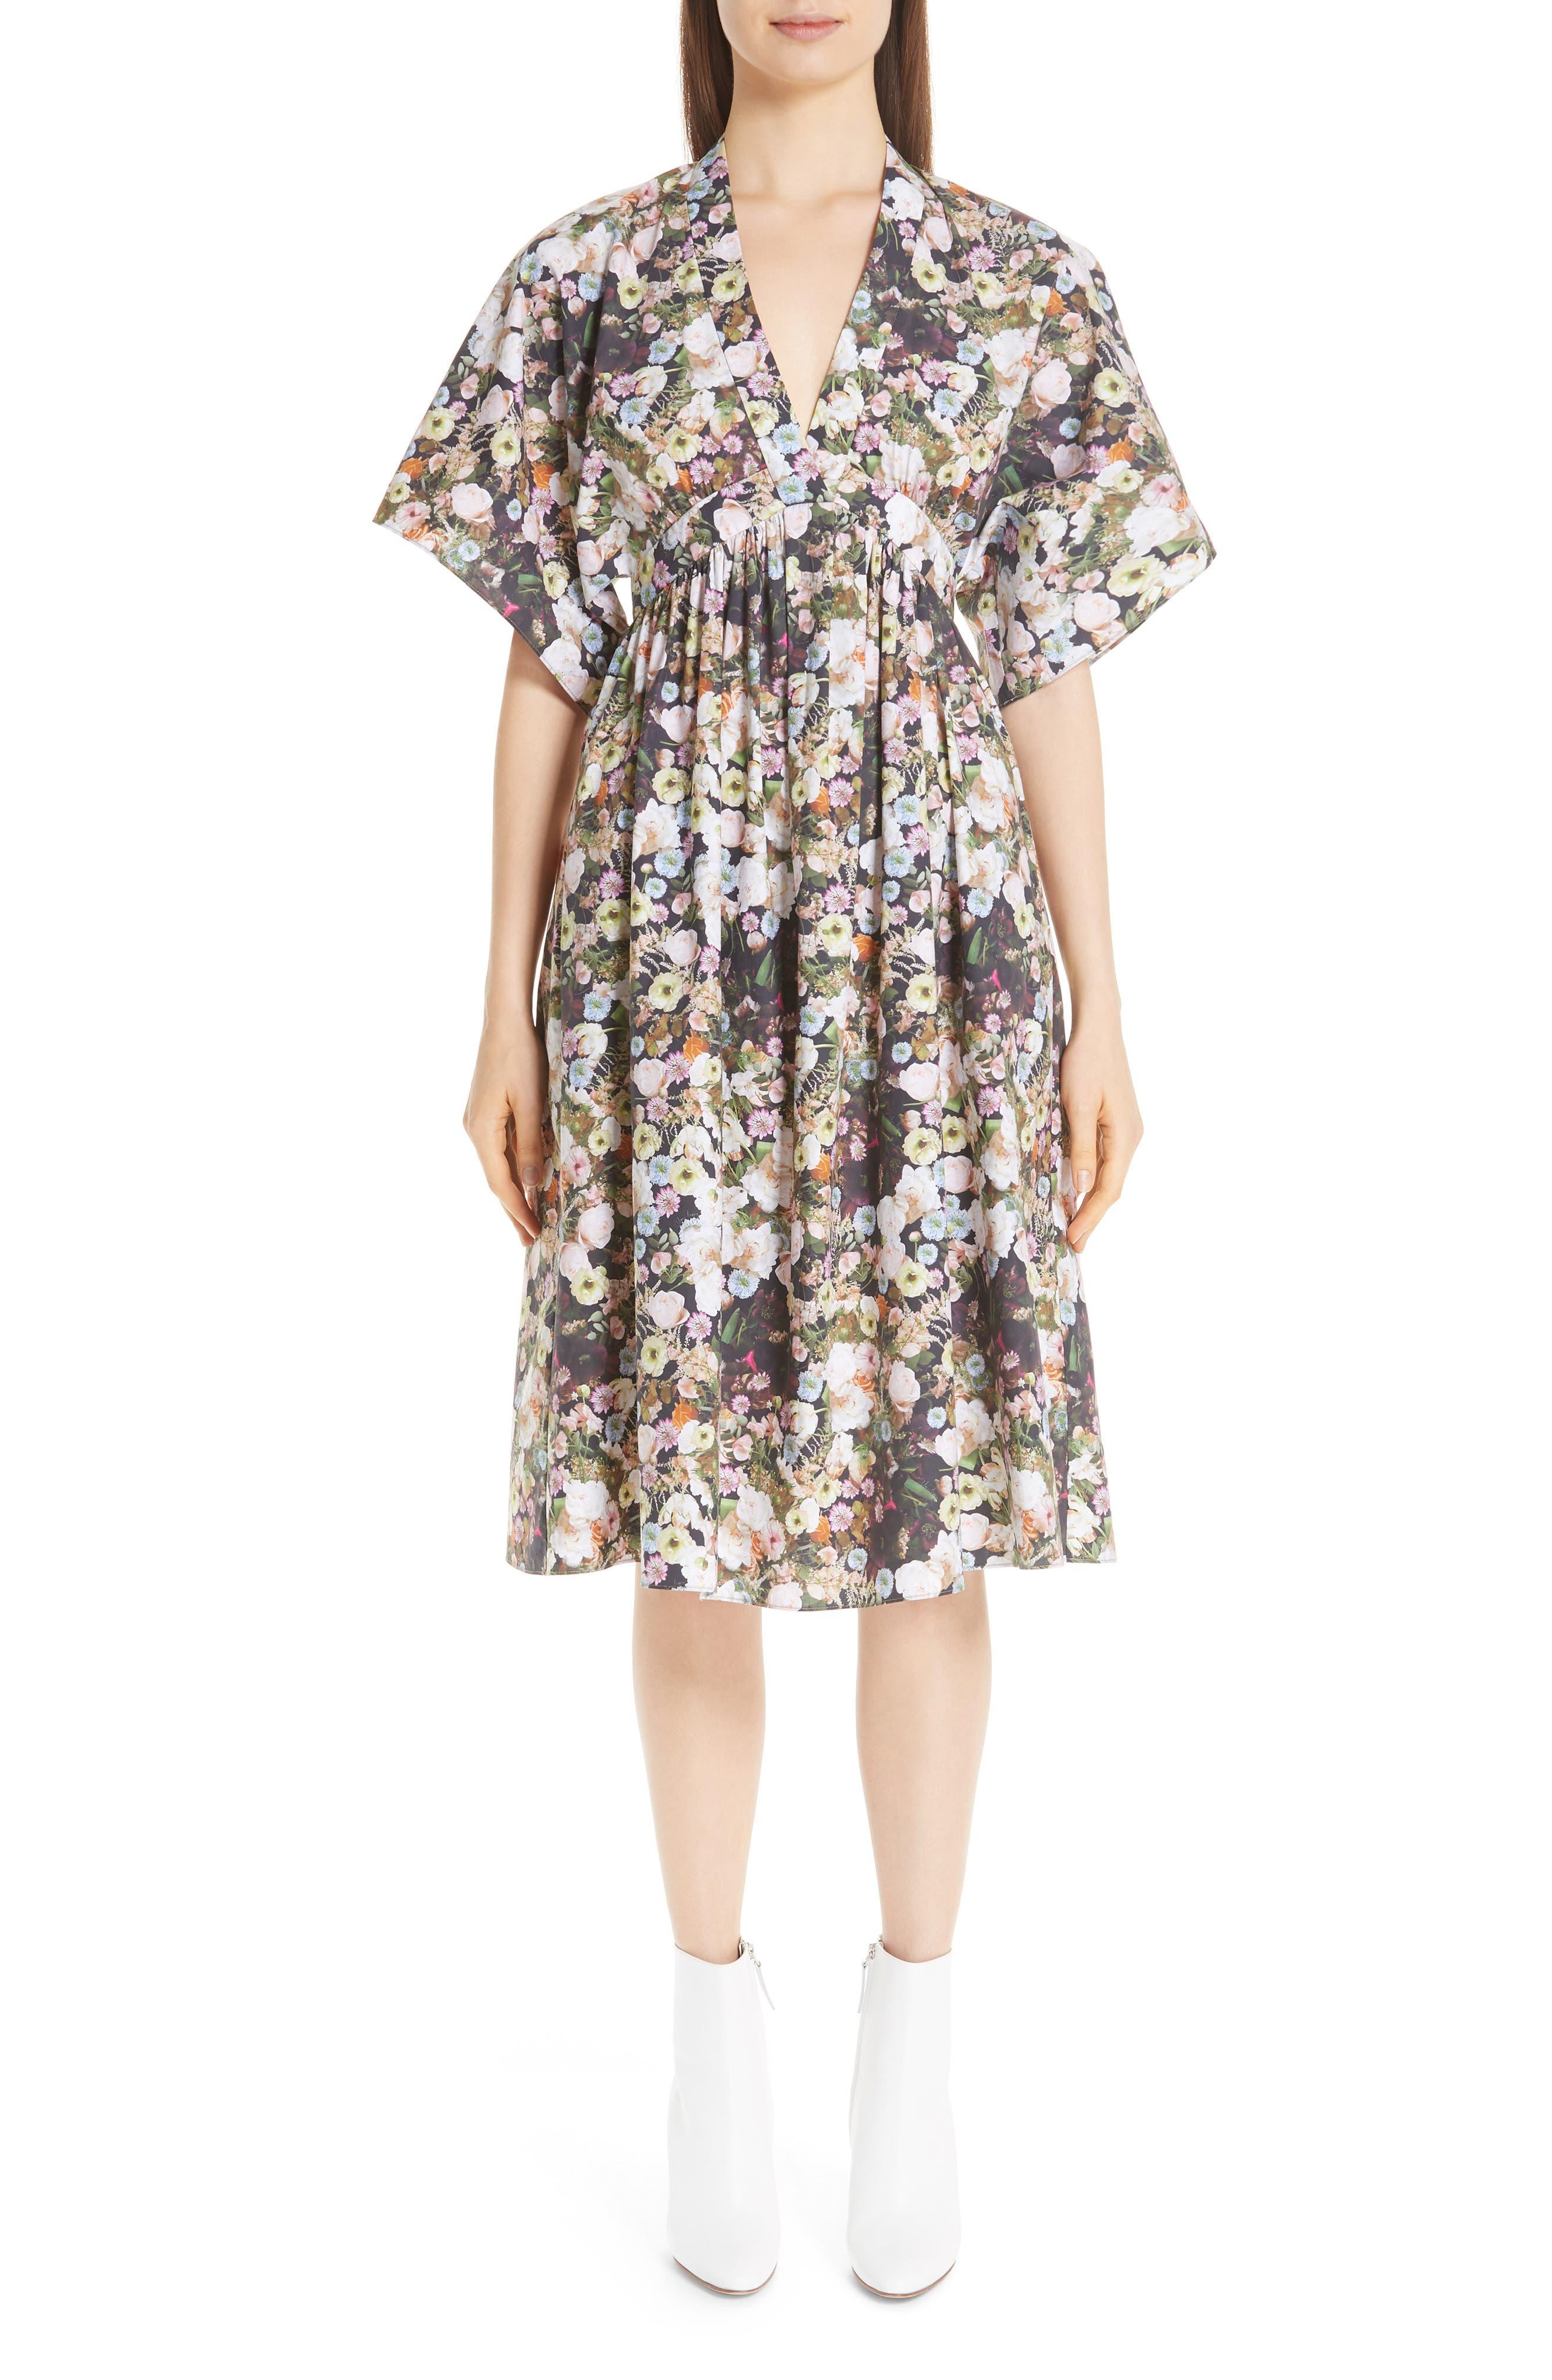 Adam Lippes Floral Print Poplin Dress